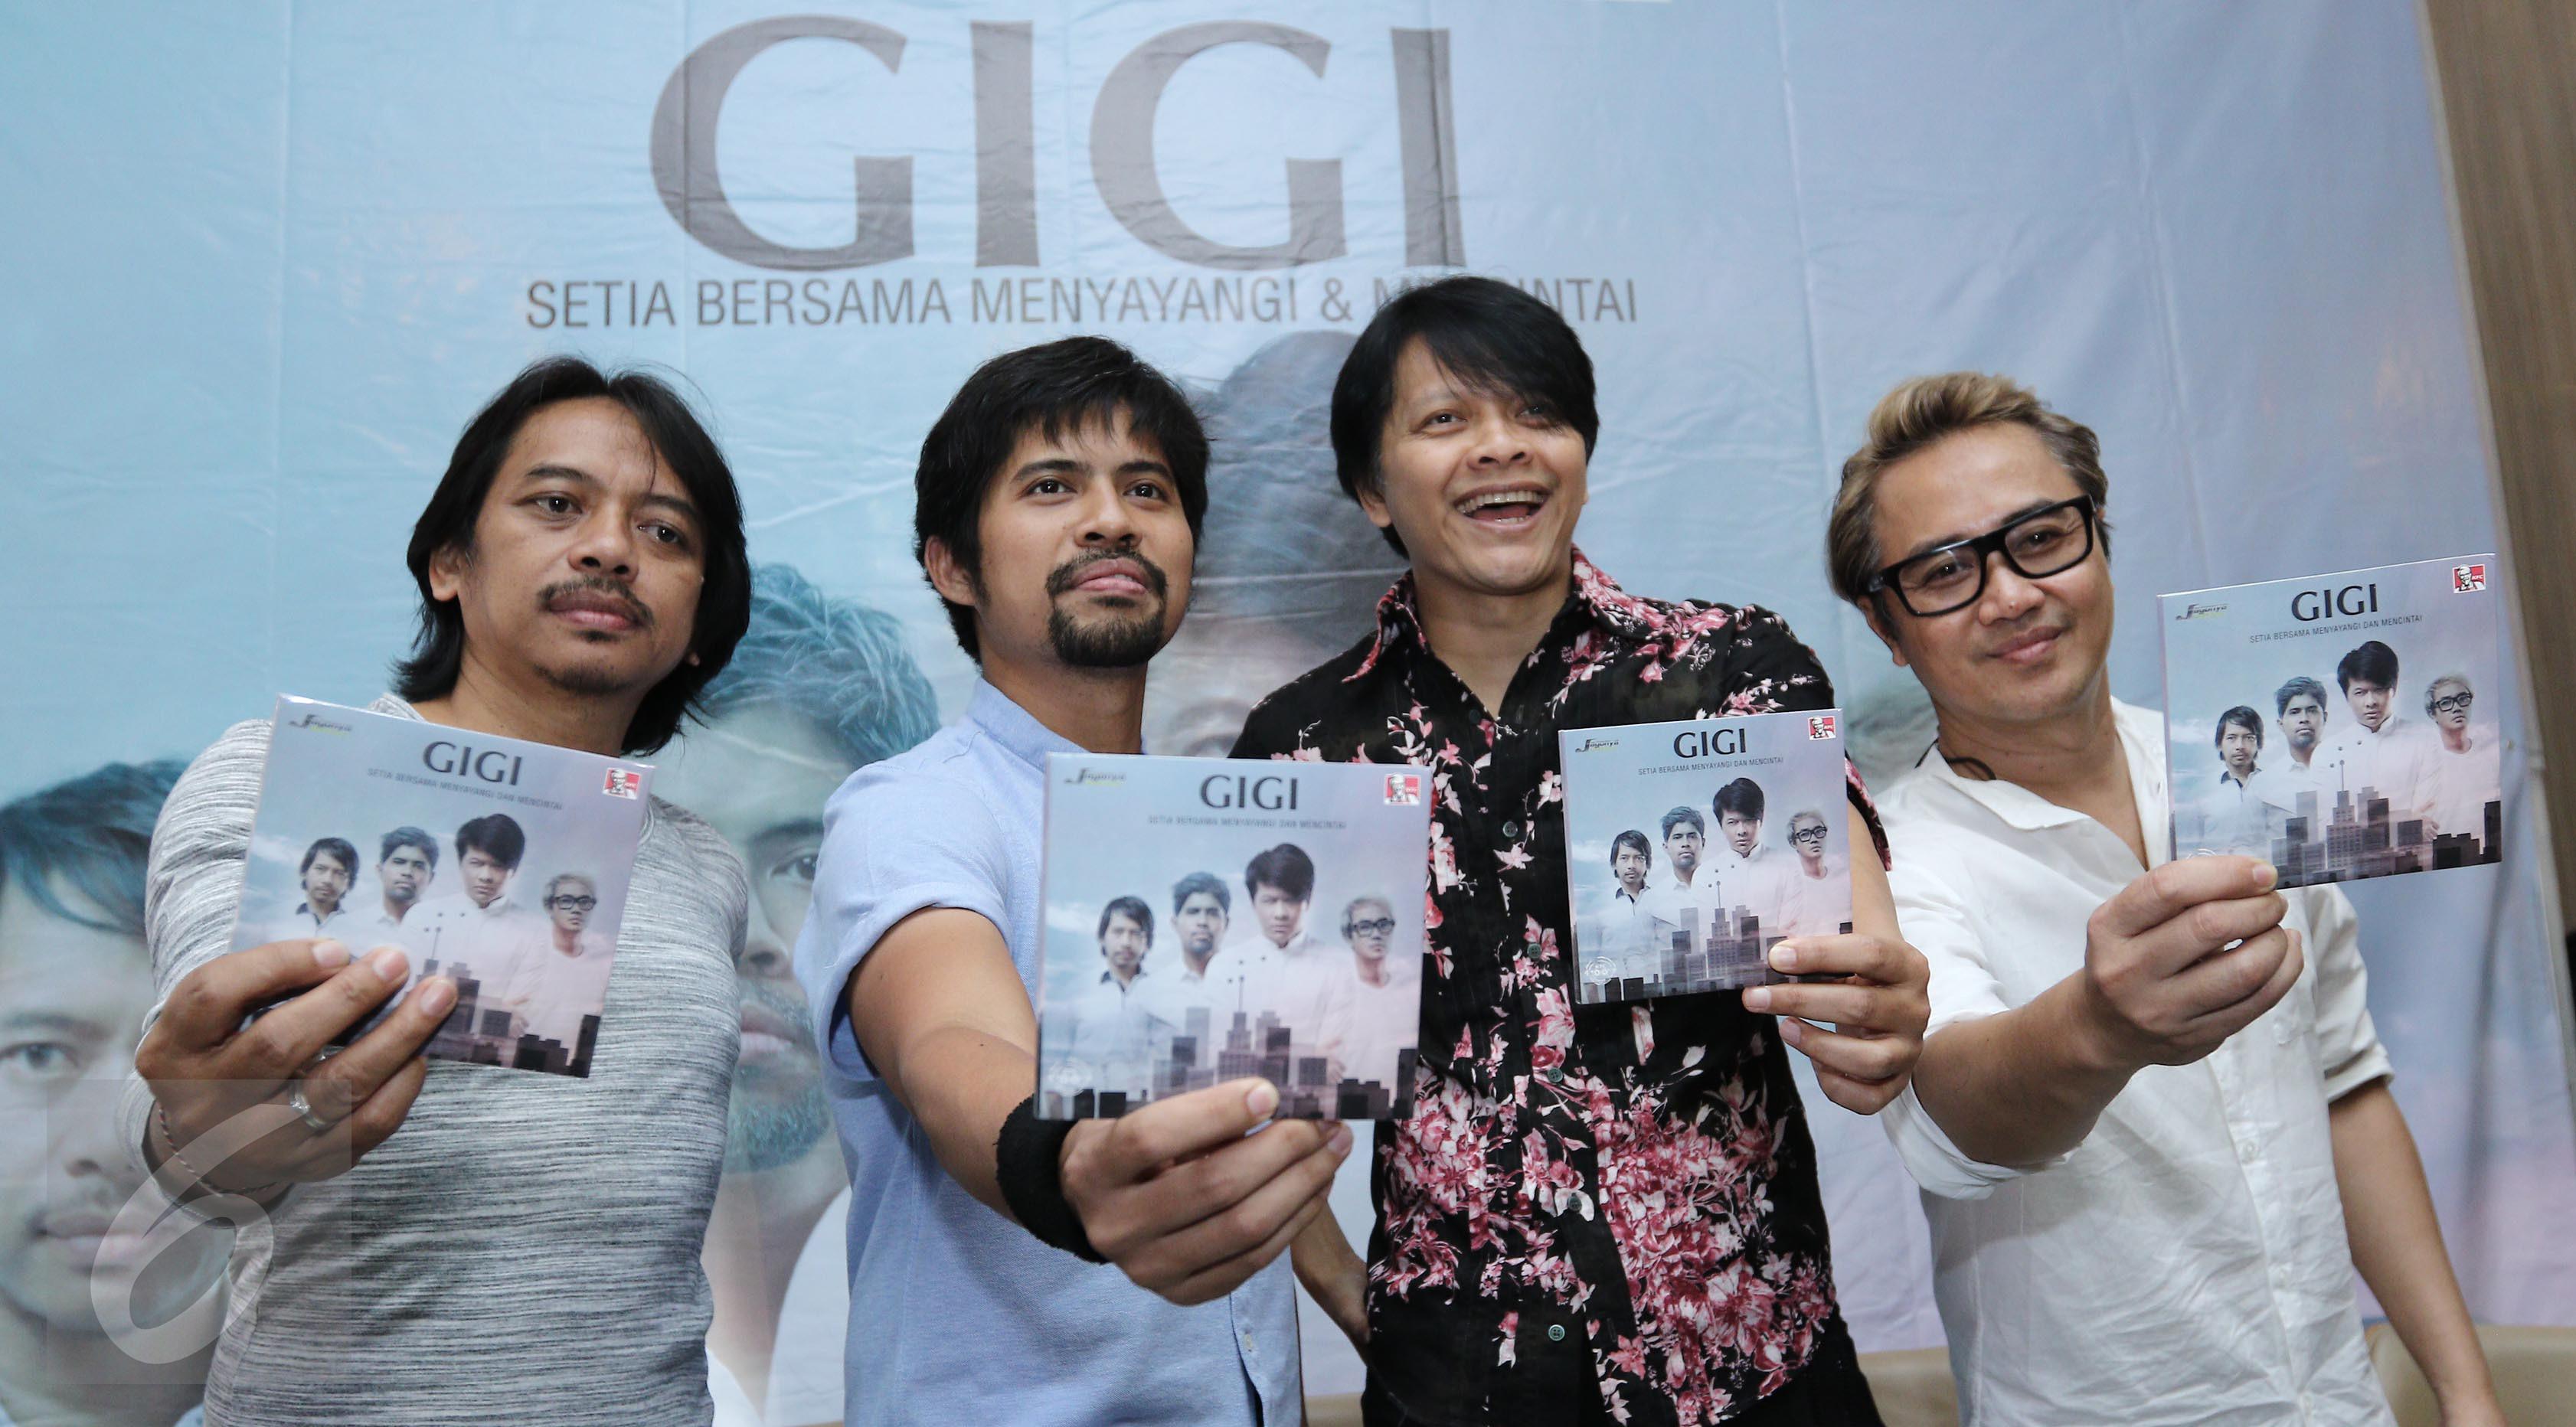 Personil band GIGI berpose dengan albumnya seusai peluncuran album religi ke-9 di kawasan Kemang, Jakarta, Senin (15/5). Band GIGI launching album religi ke-9 bertajuk